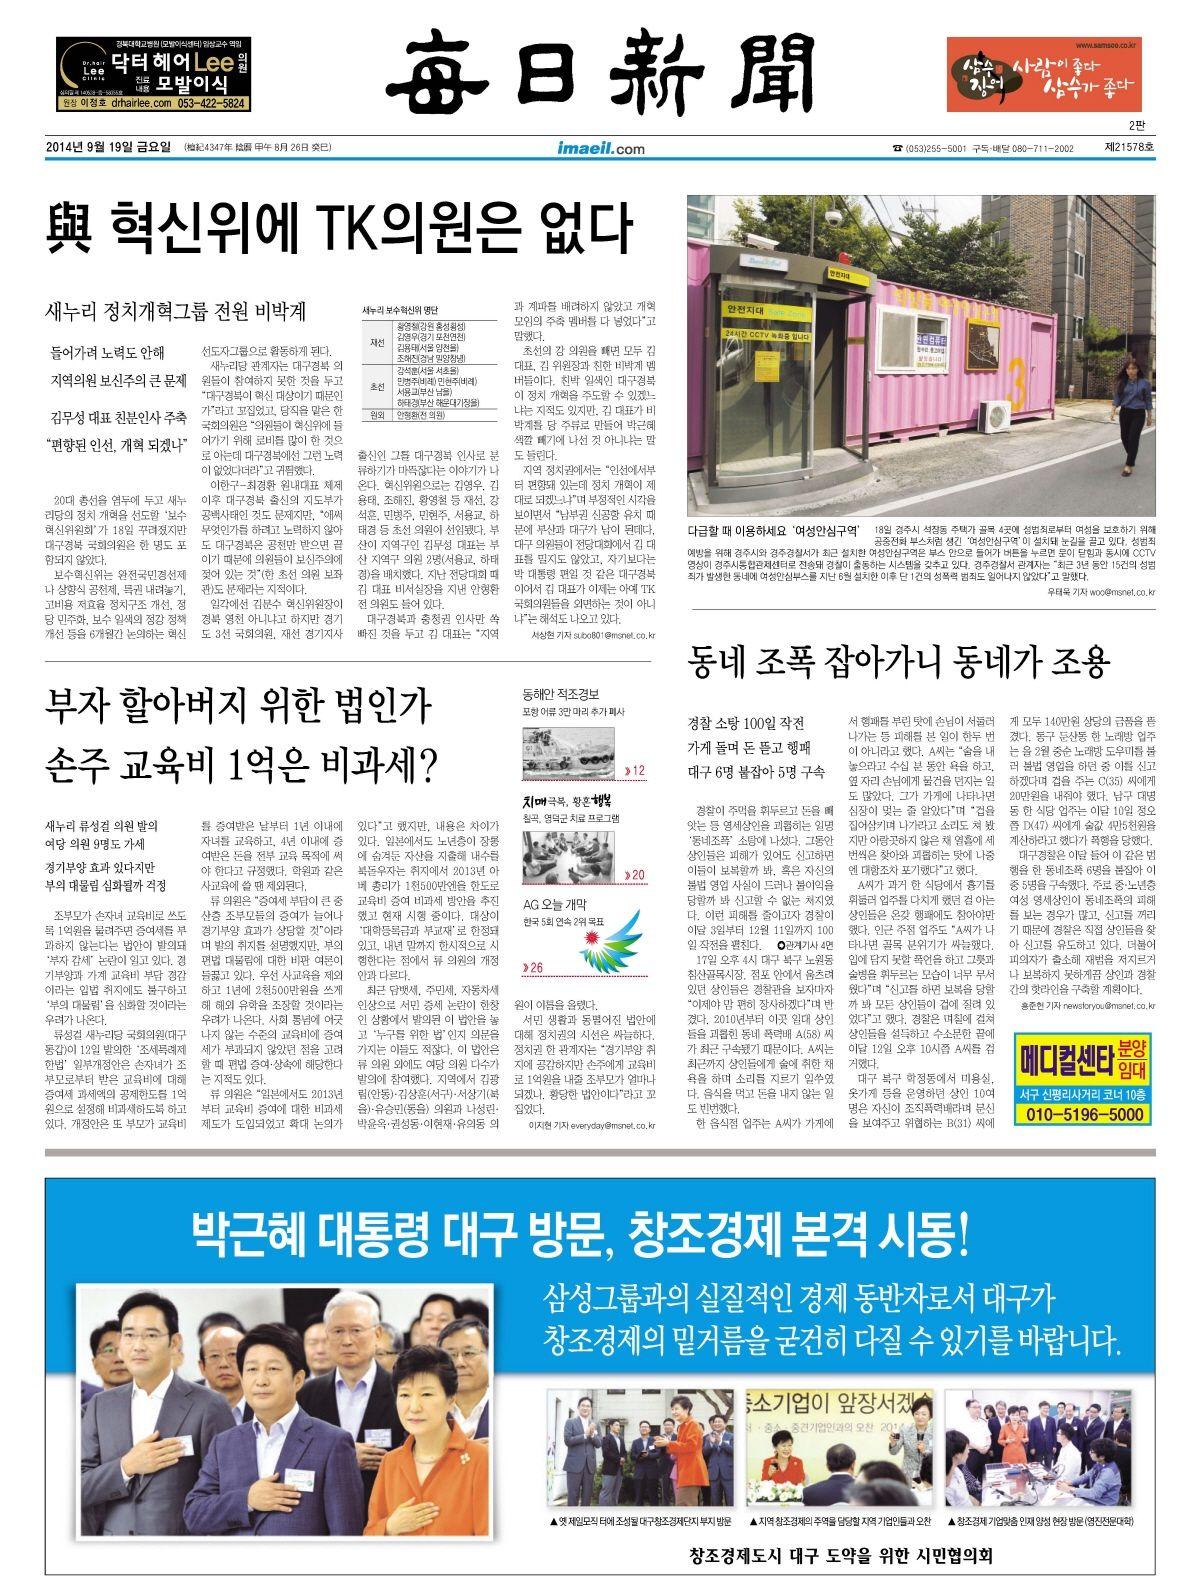 2014년 9월 19일 금요일 매일신문 1면